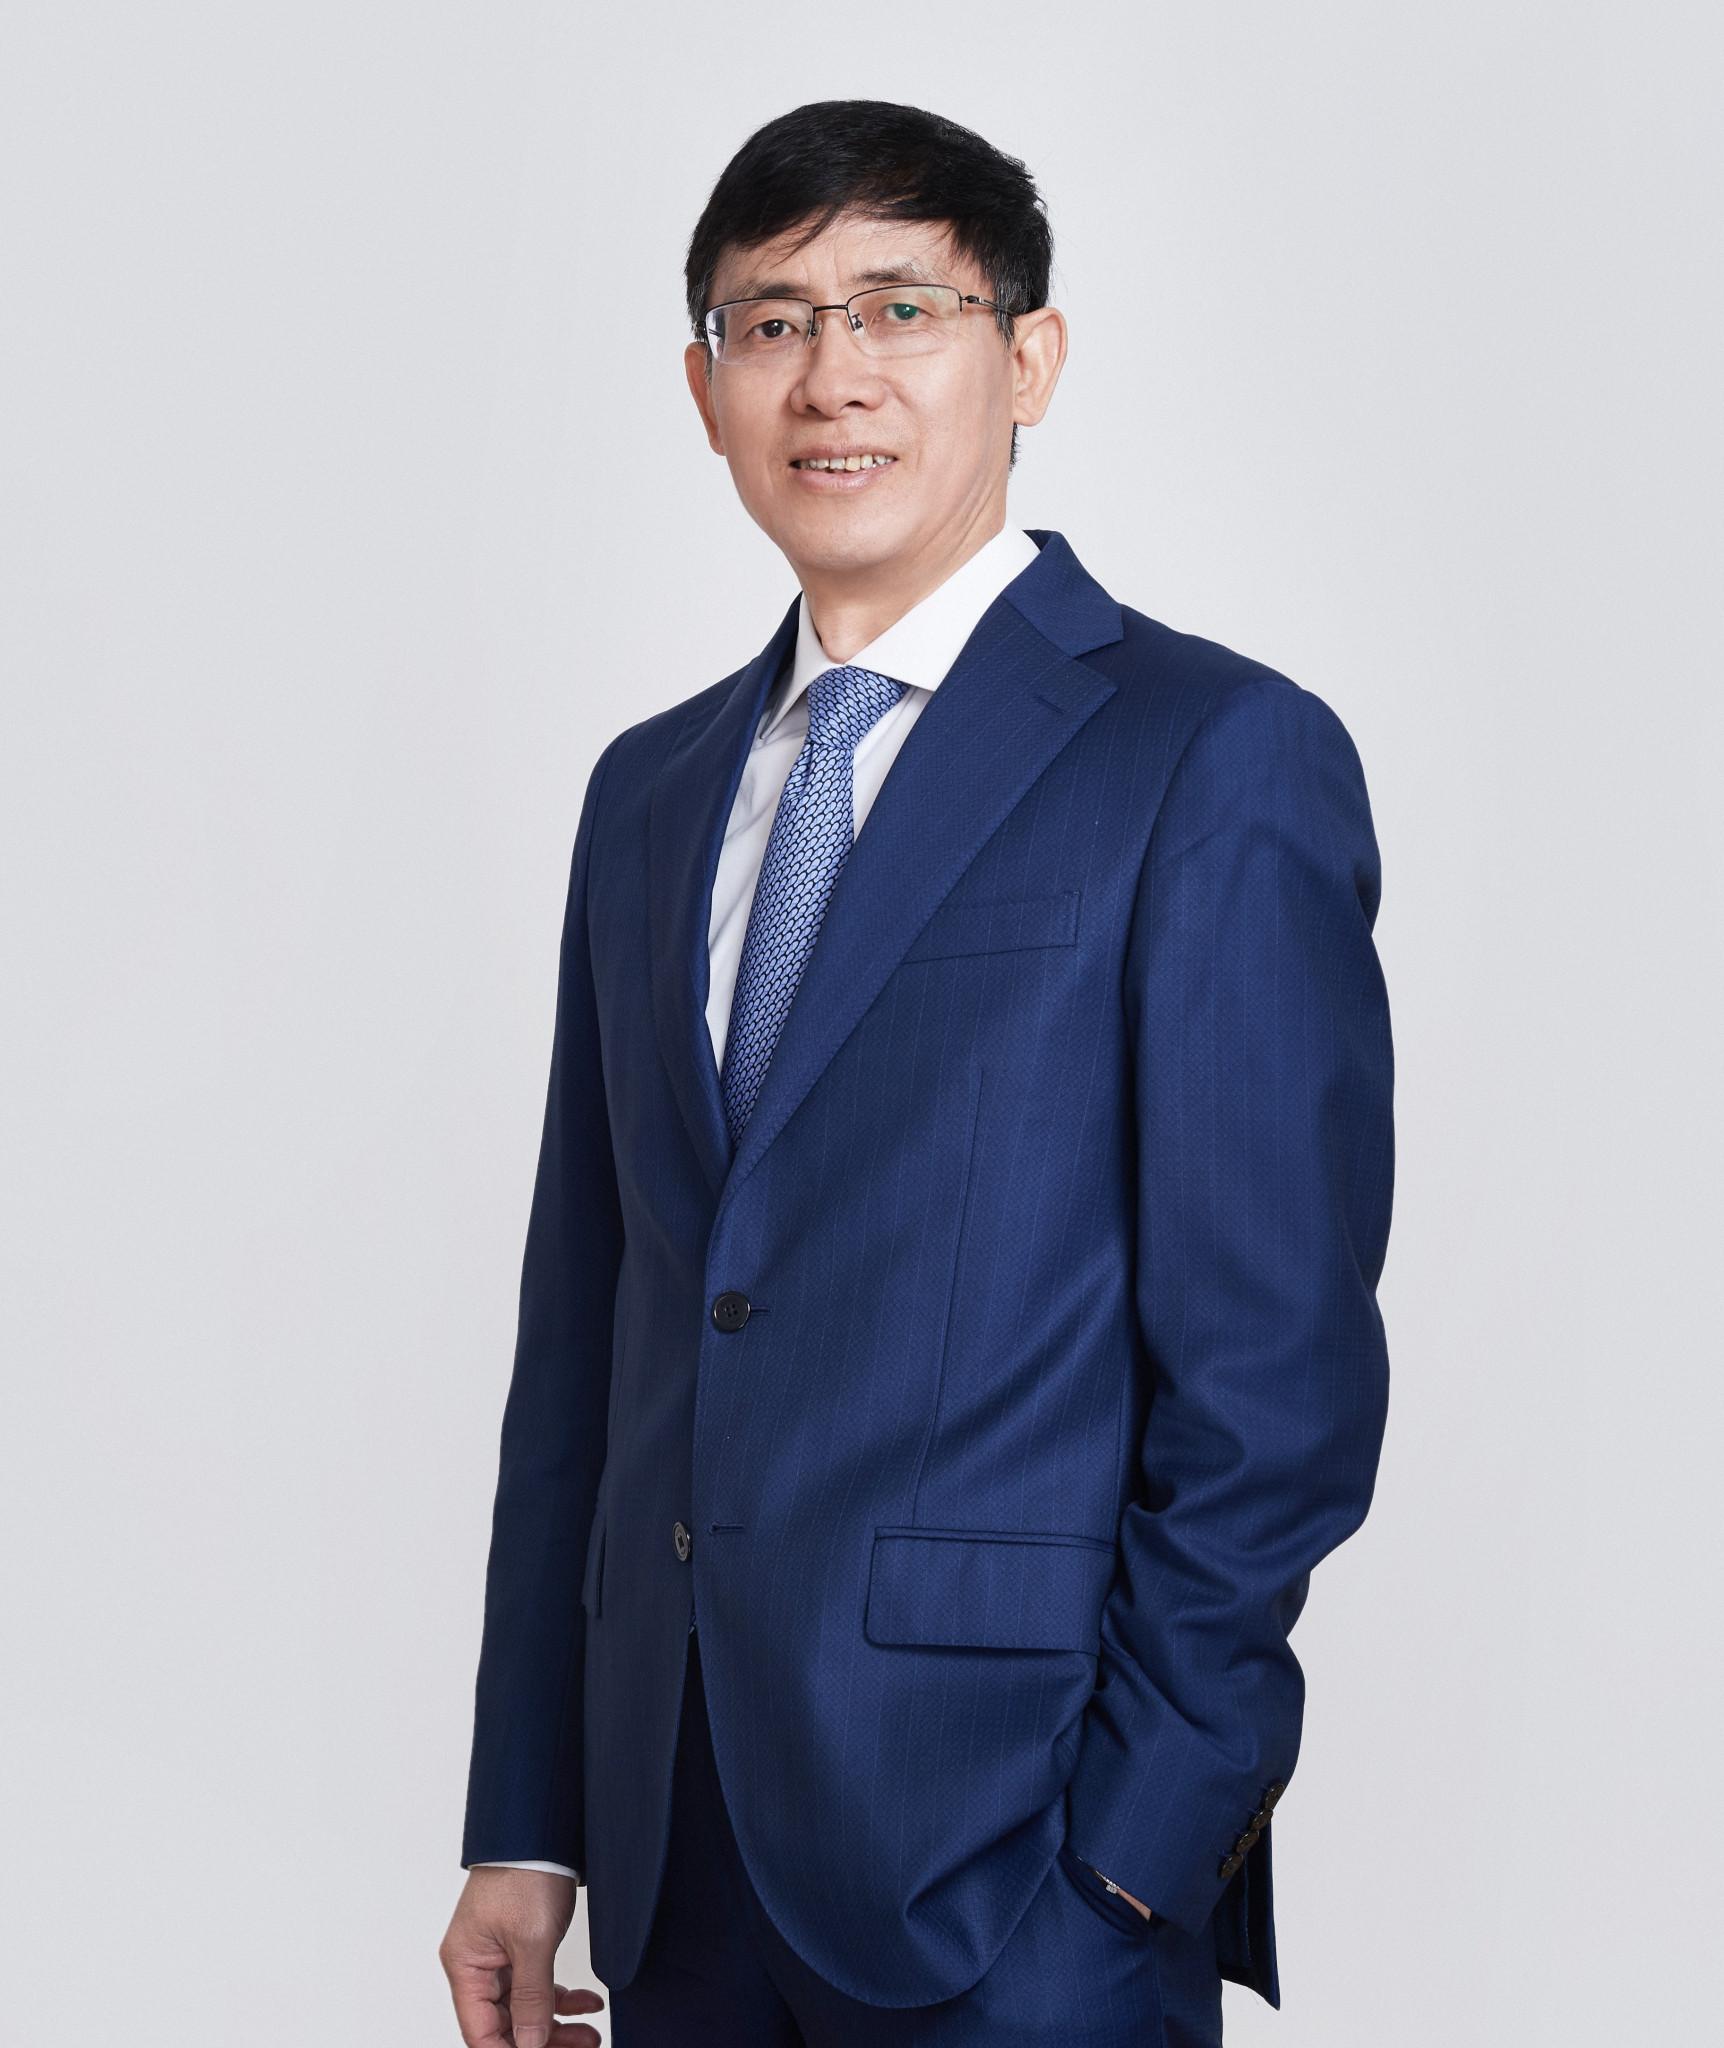 Zhou Jinqiang is running for IWF President ©CWA